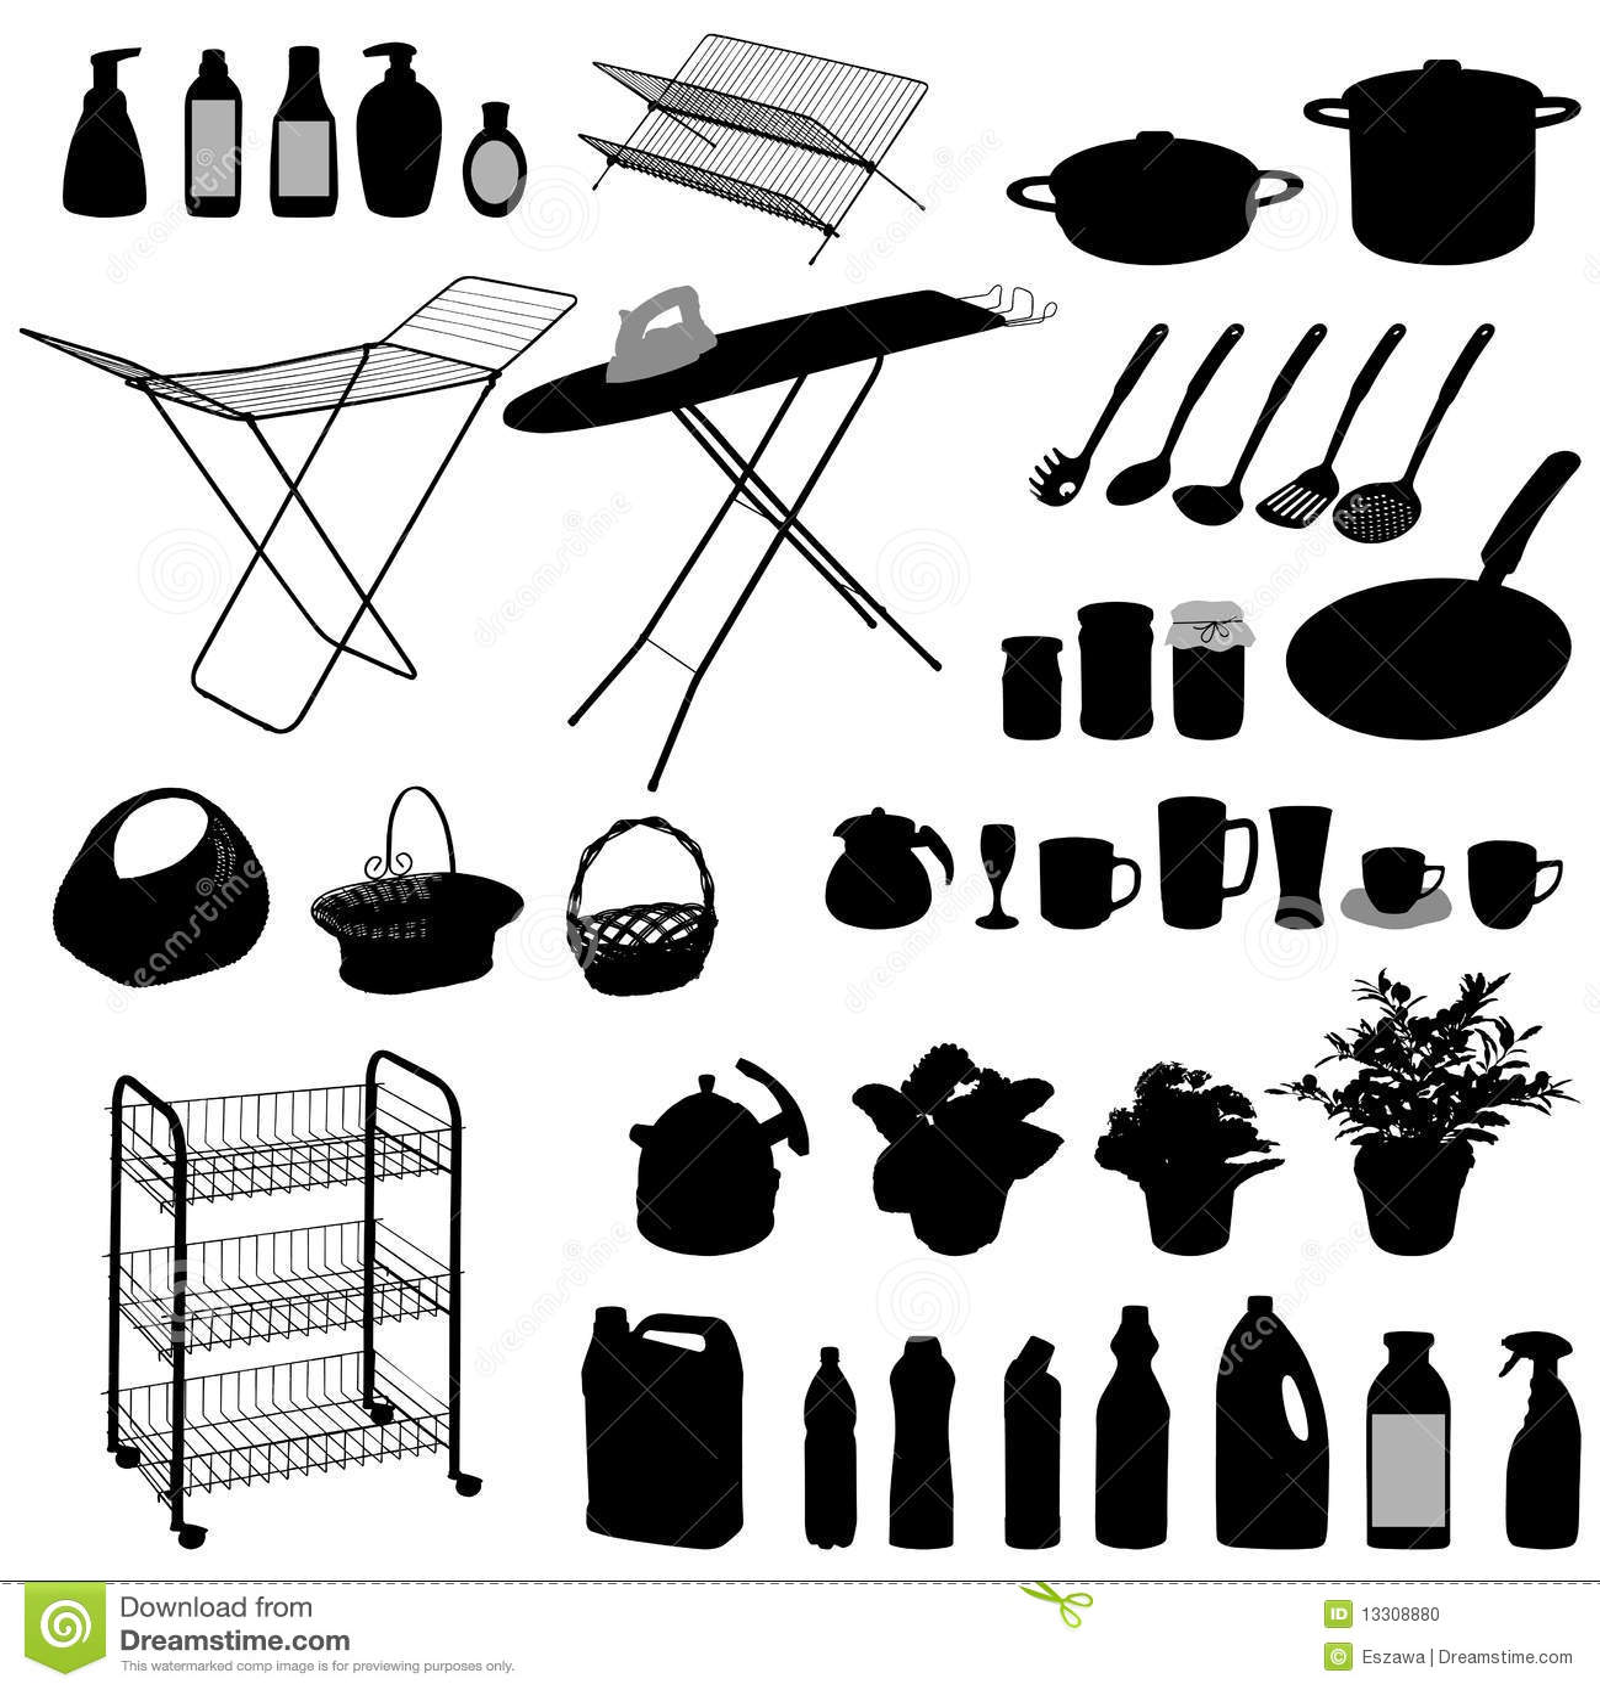 Objetos de la cocina silueta foto de archivo imagen - Objetos de cocina ...